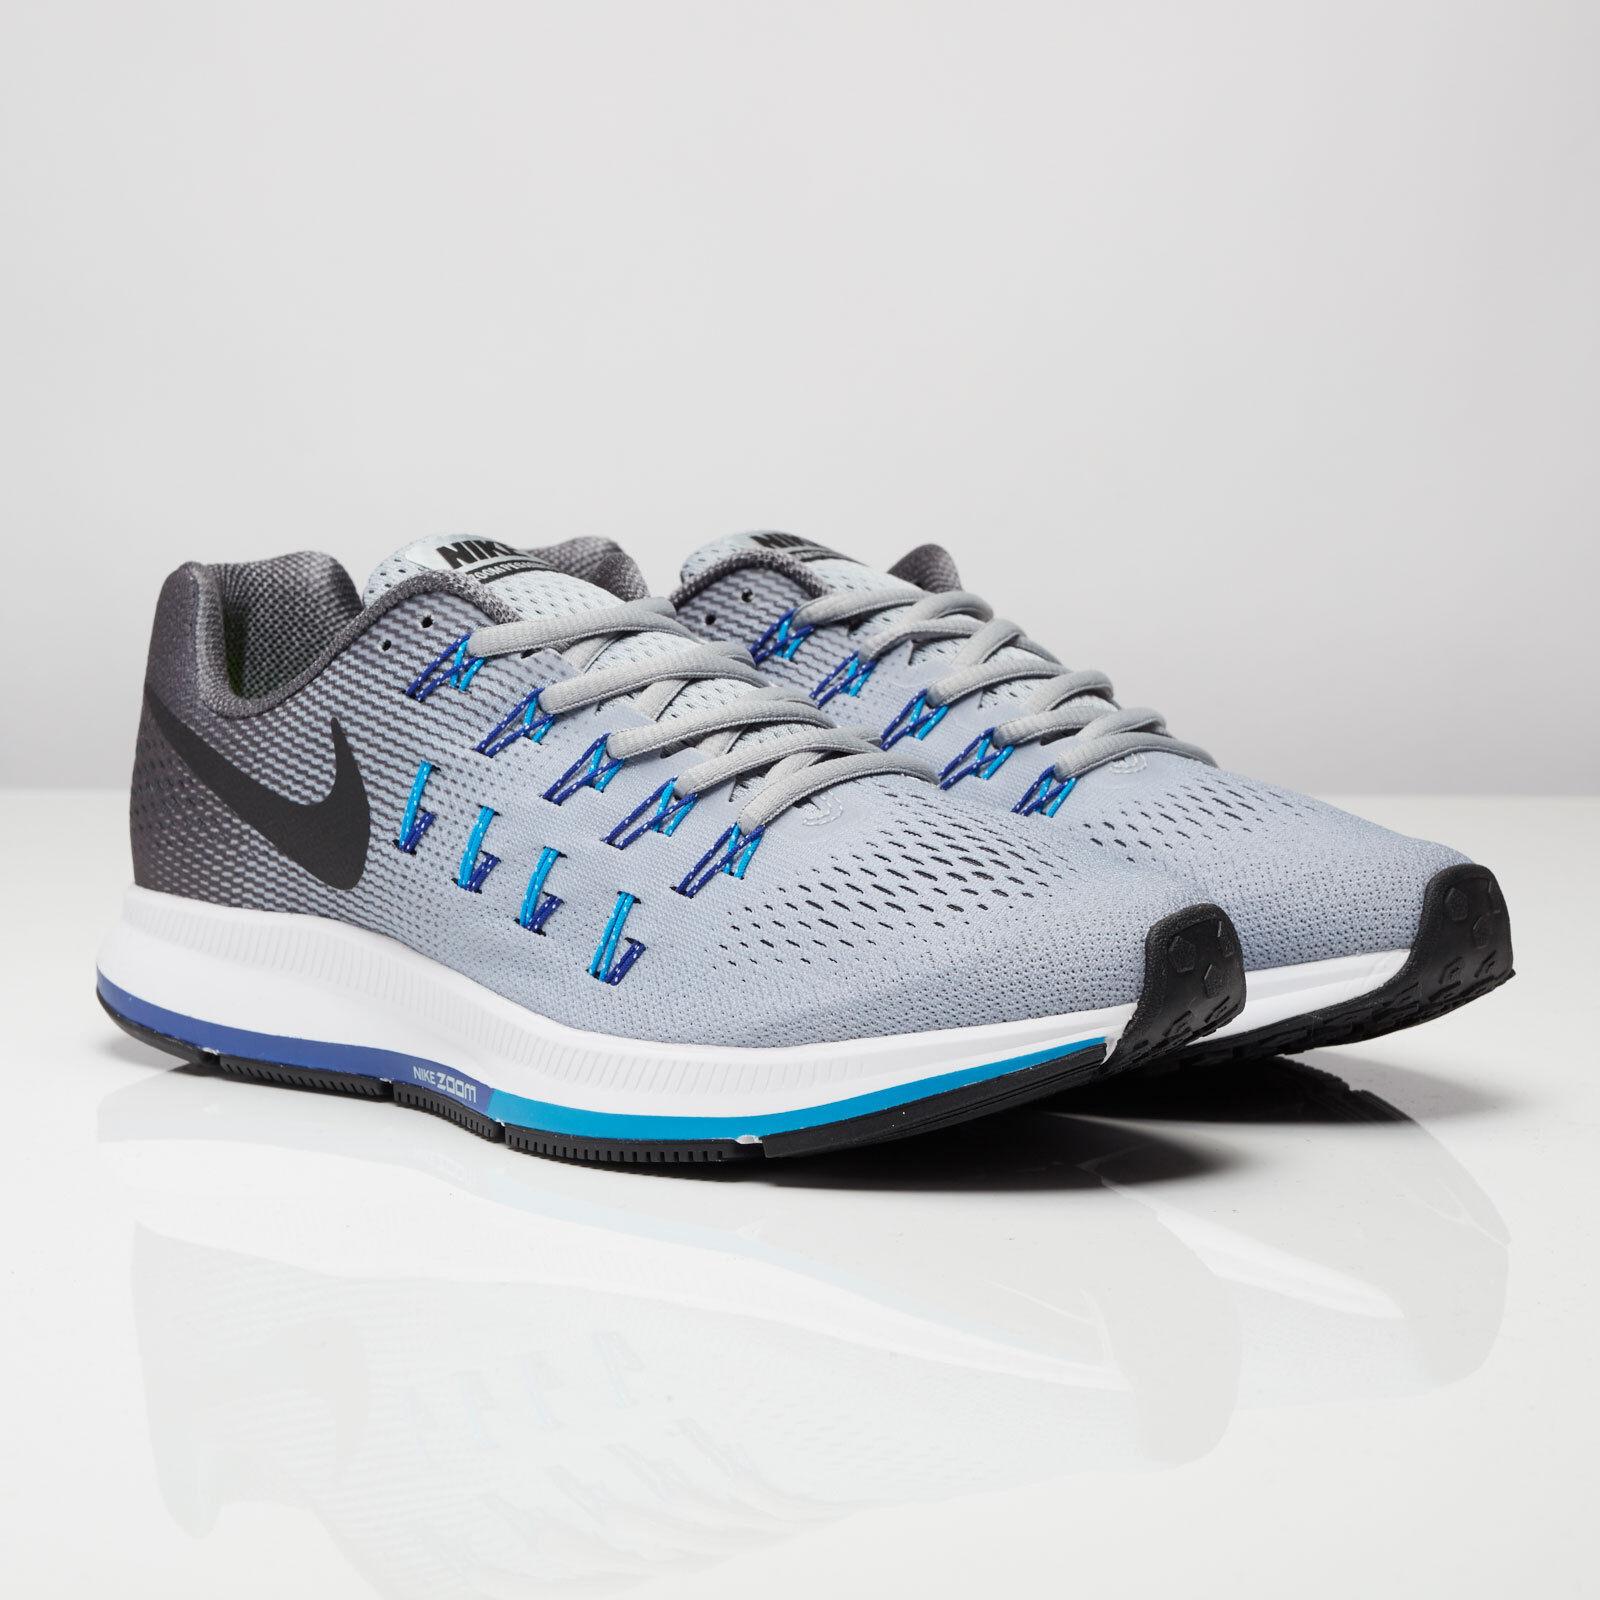 Nike Air Zoom Pegasus 33 Hombre Zapatillas de running gris